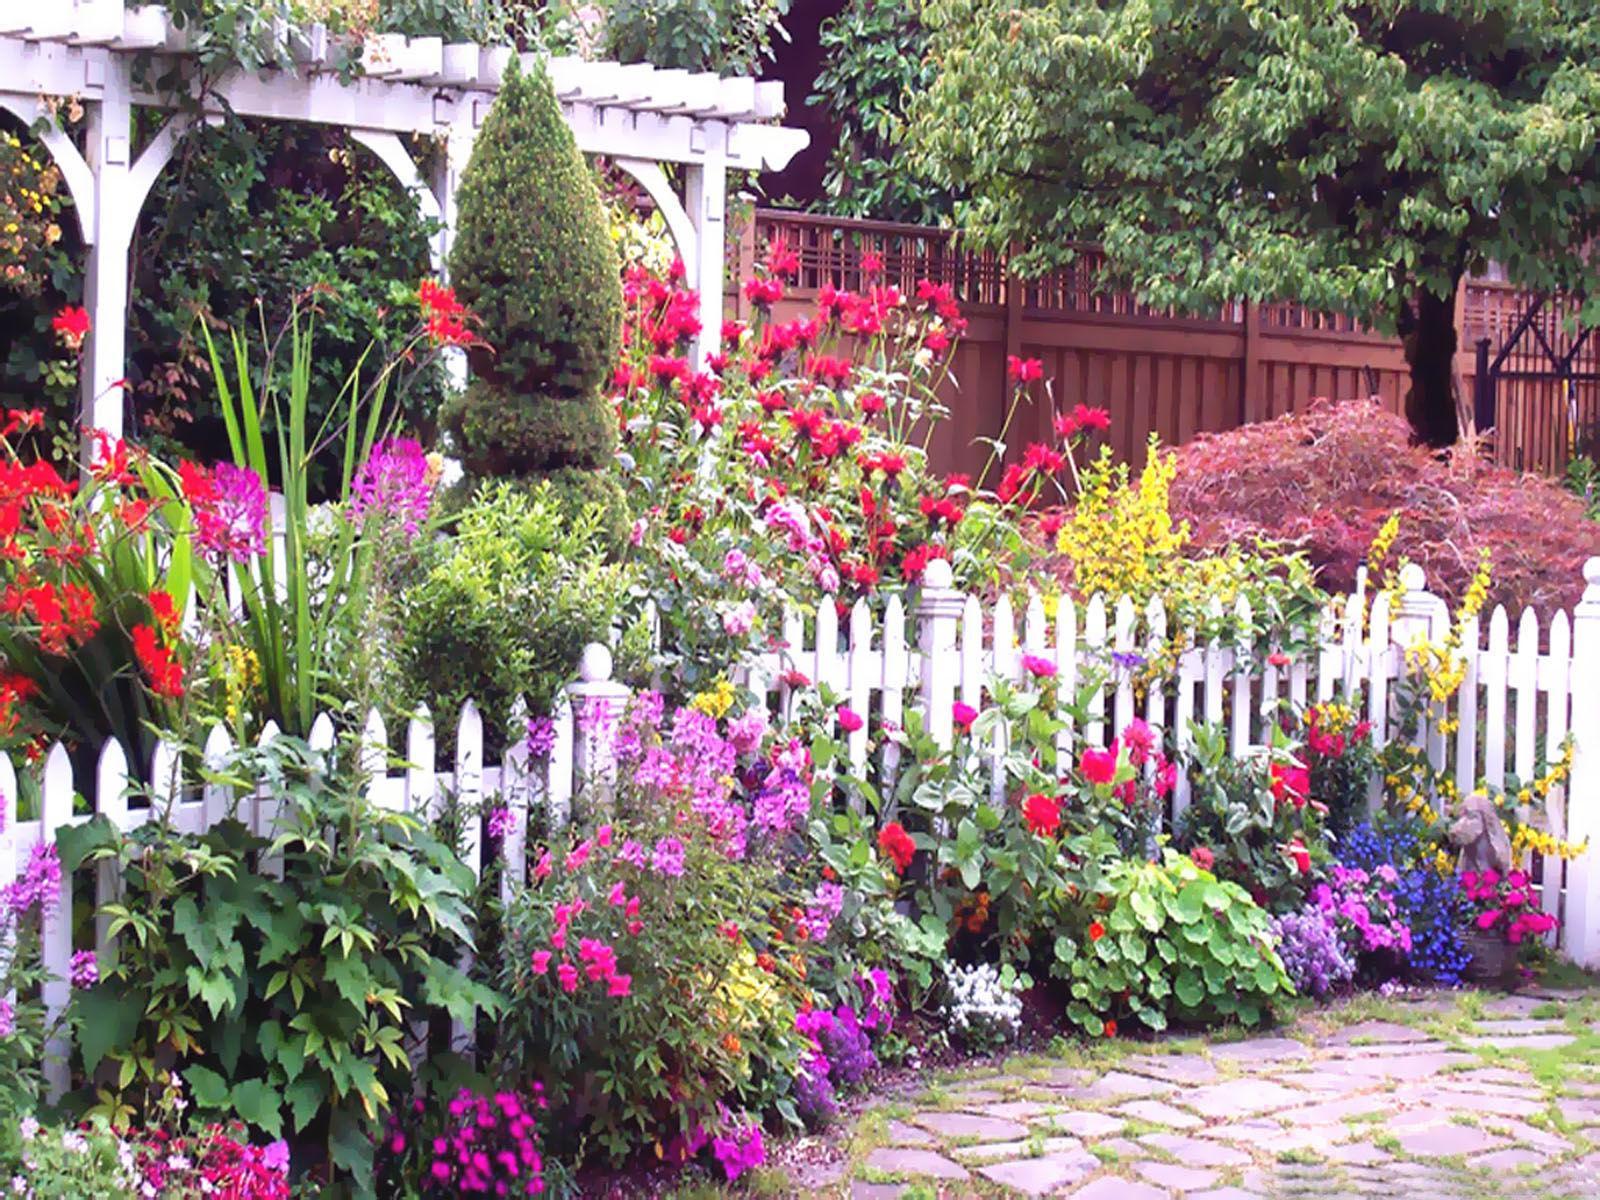 ... keď záhrada rozkvitne ... - Obrázok č. 7